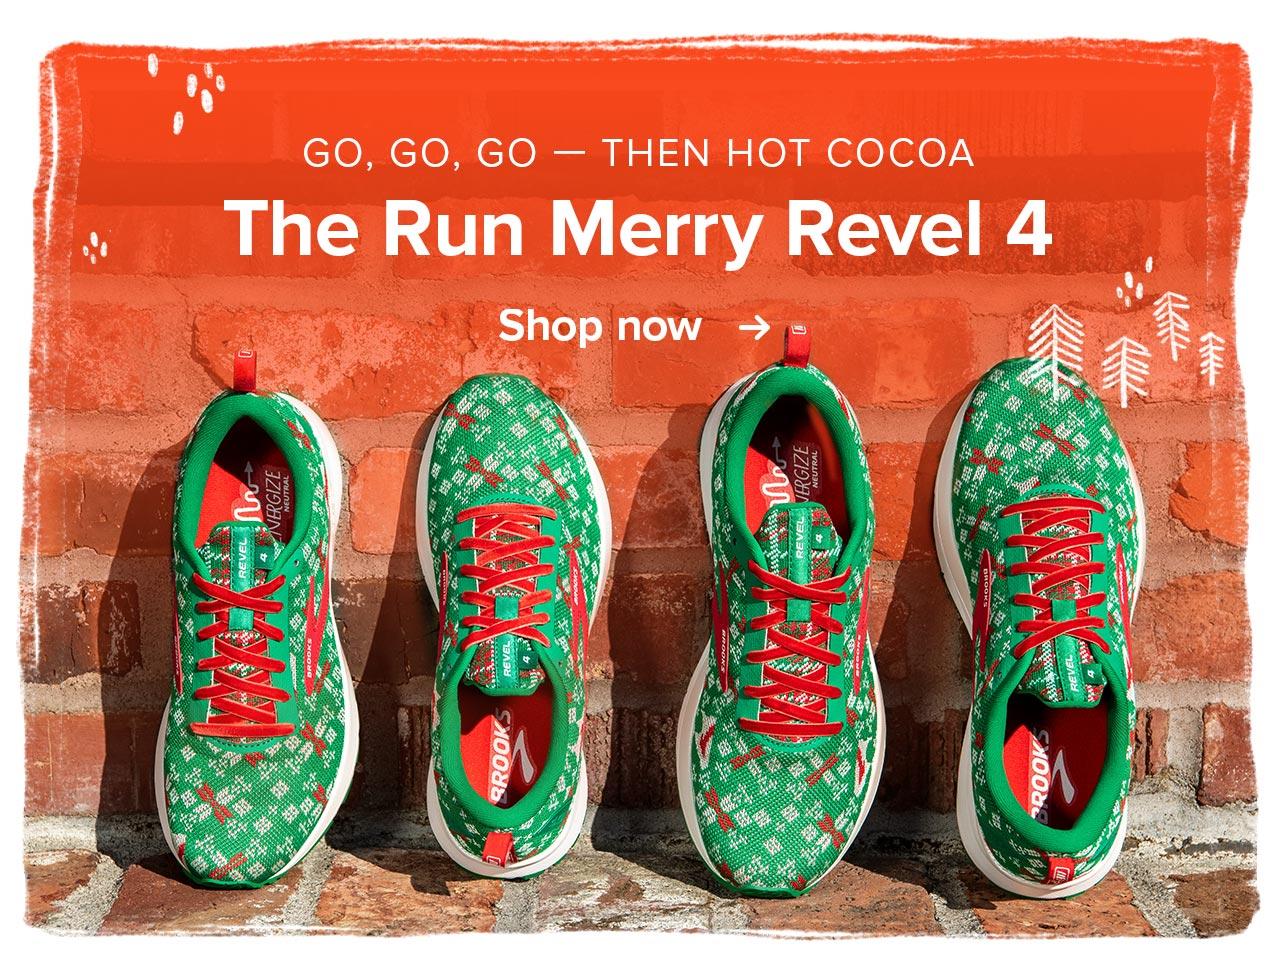 Go, Go, Go – Then Hot Cocoa   The Run Merry Revel 4   Shop now =>